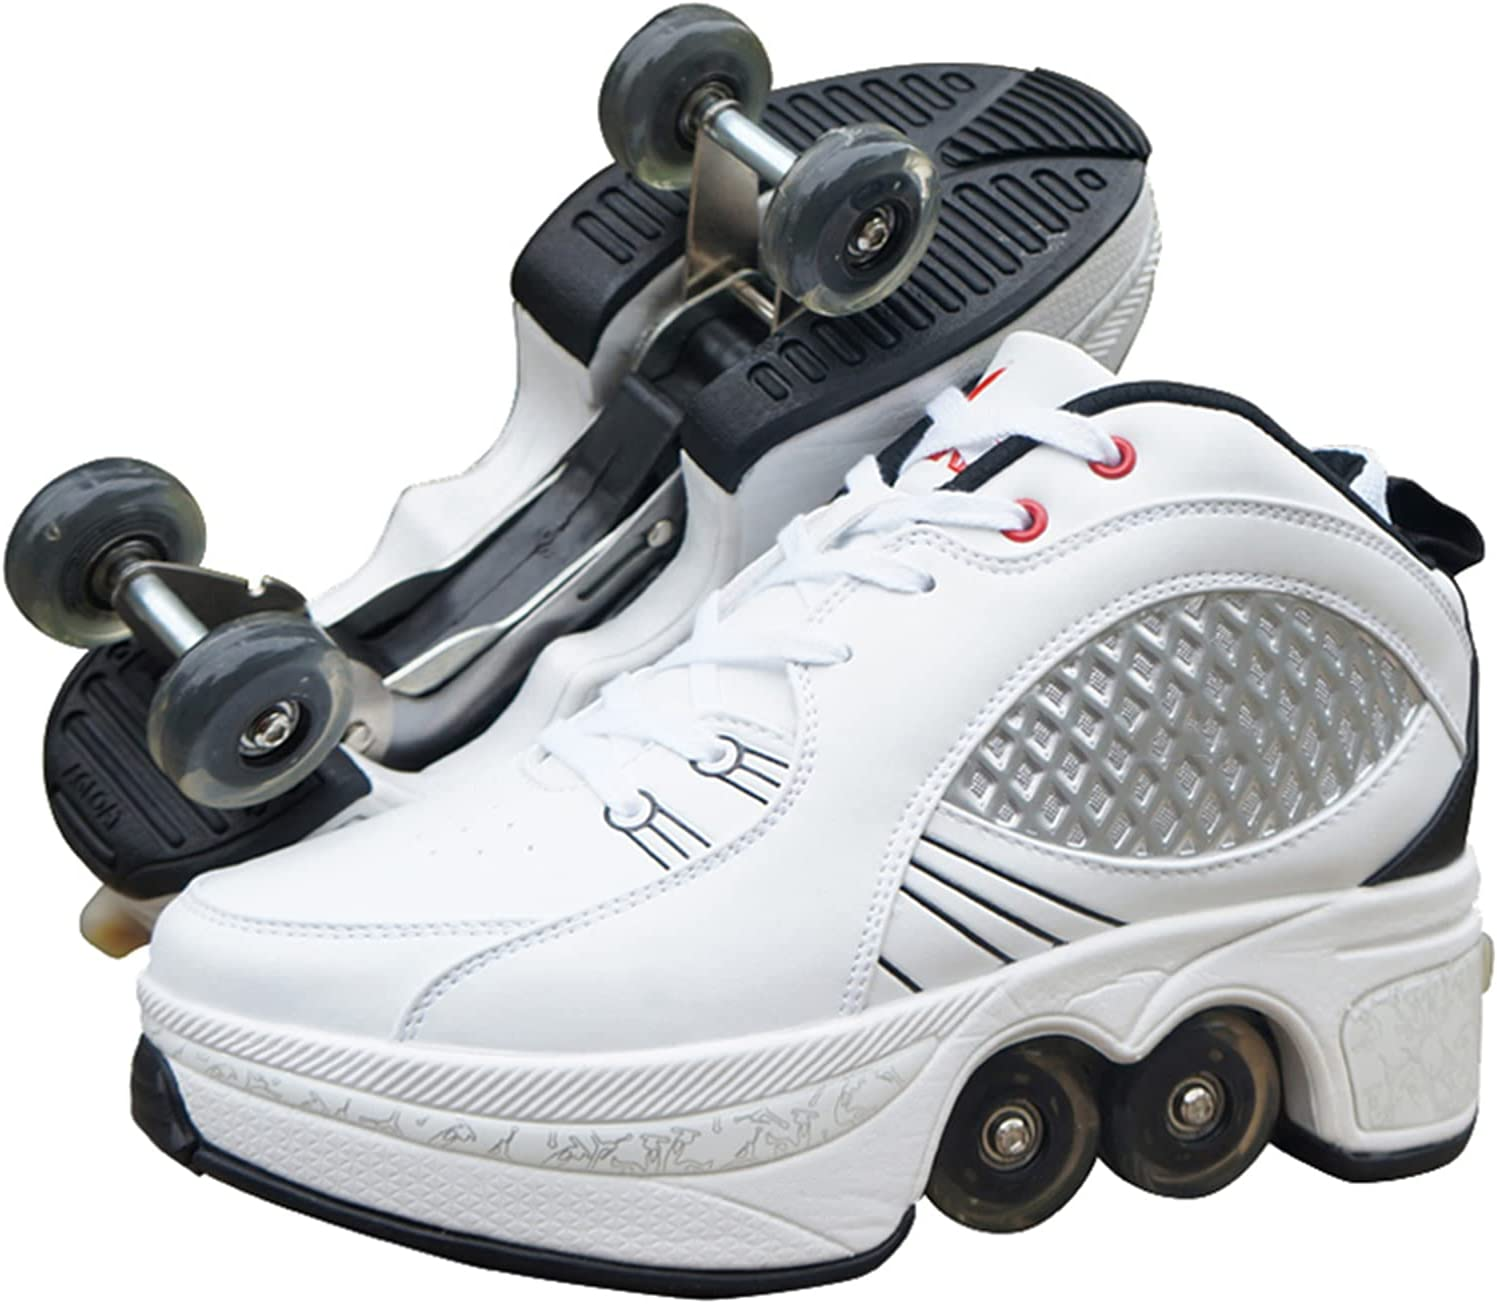 Patines de Ruedas Ajustables, Zapatillas con Ruedas Automática Calzado De Skateboarding Zapatillas De Skate con Ruedas Patines En Línea para Adultos Y Niños